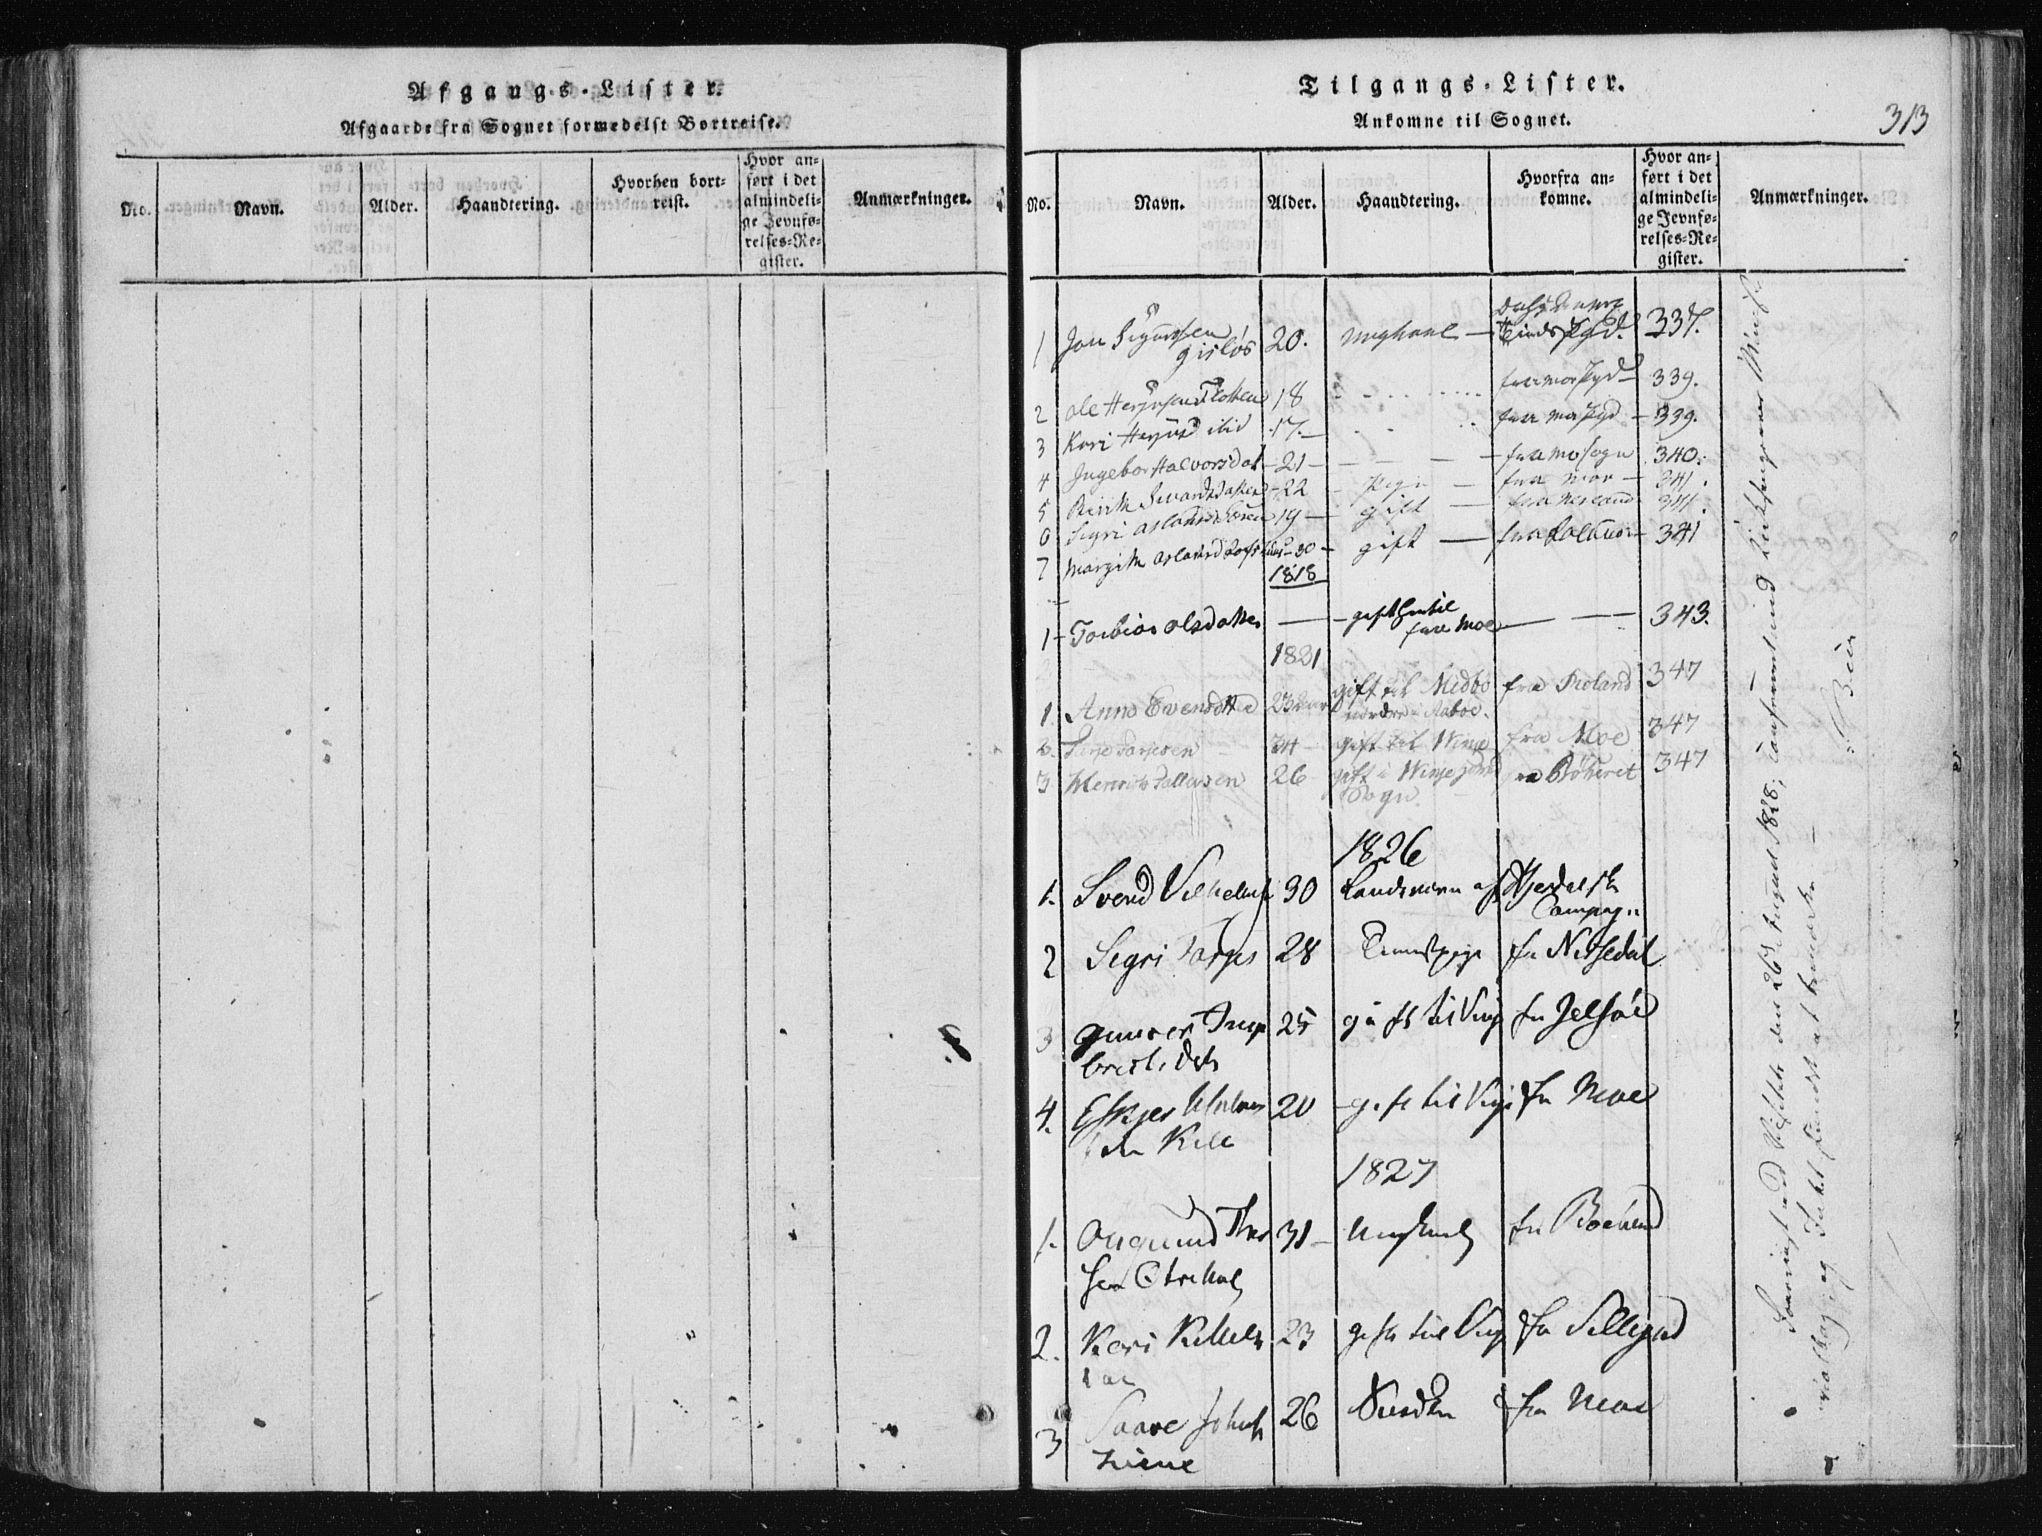 SAKO, Vinje kirkebøker, F/Fa/L0003: Ministerialbok nr. I 3, 1814-1843, s. 313